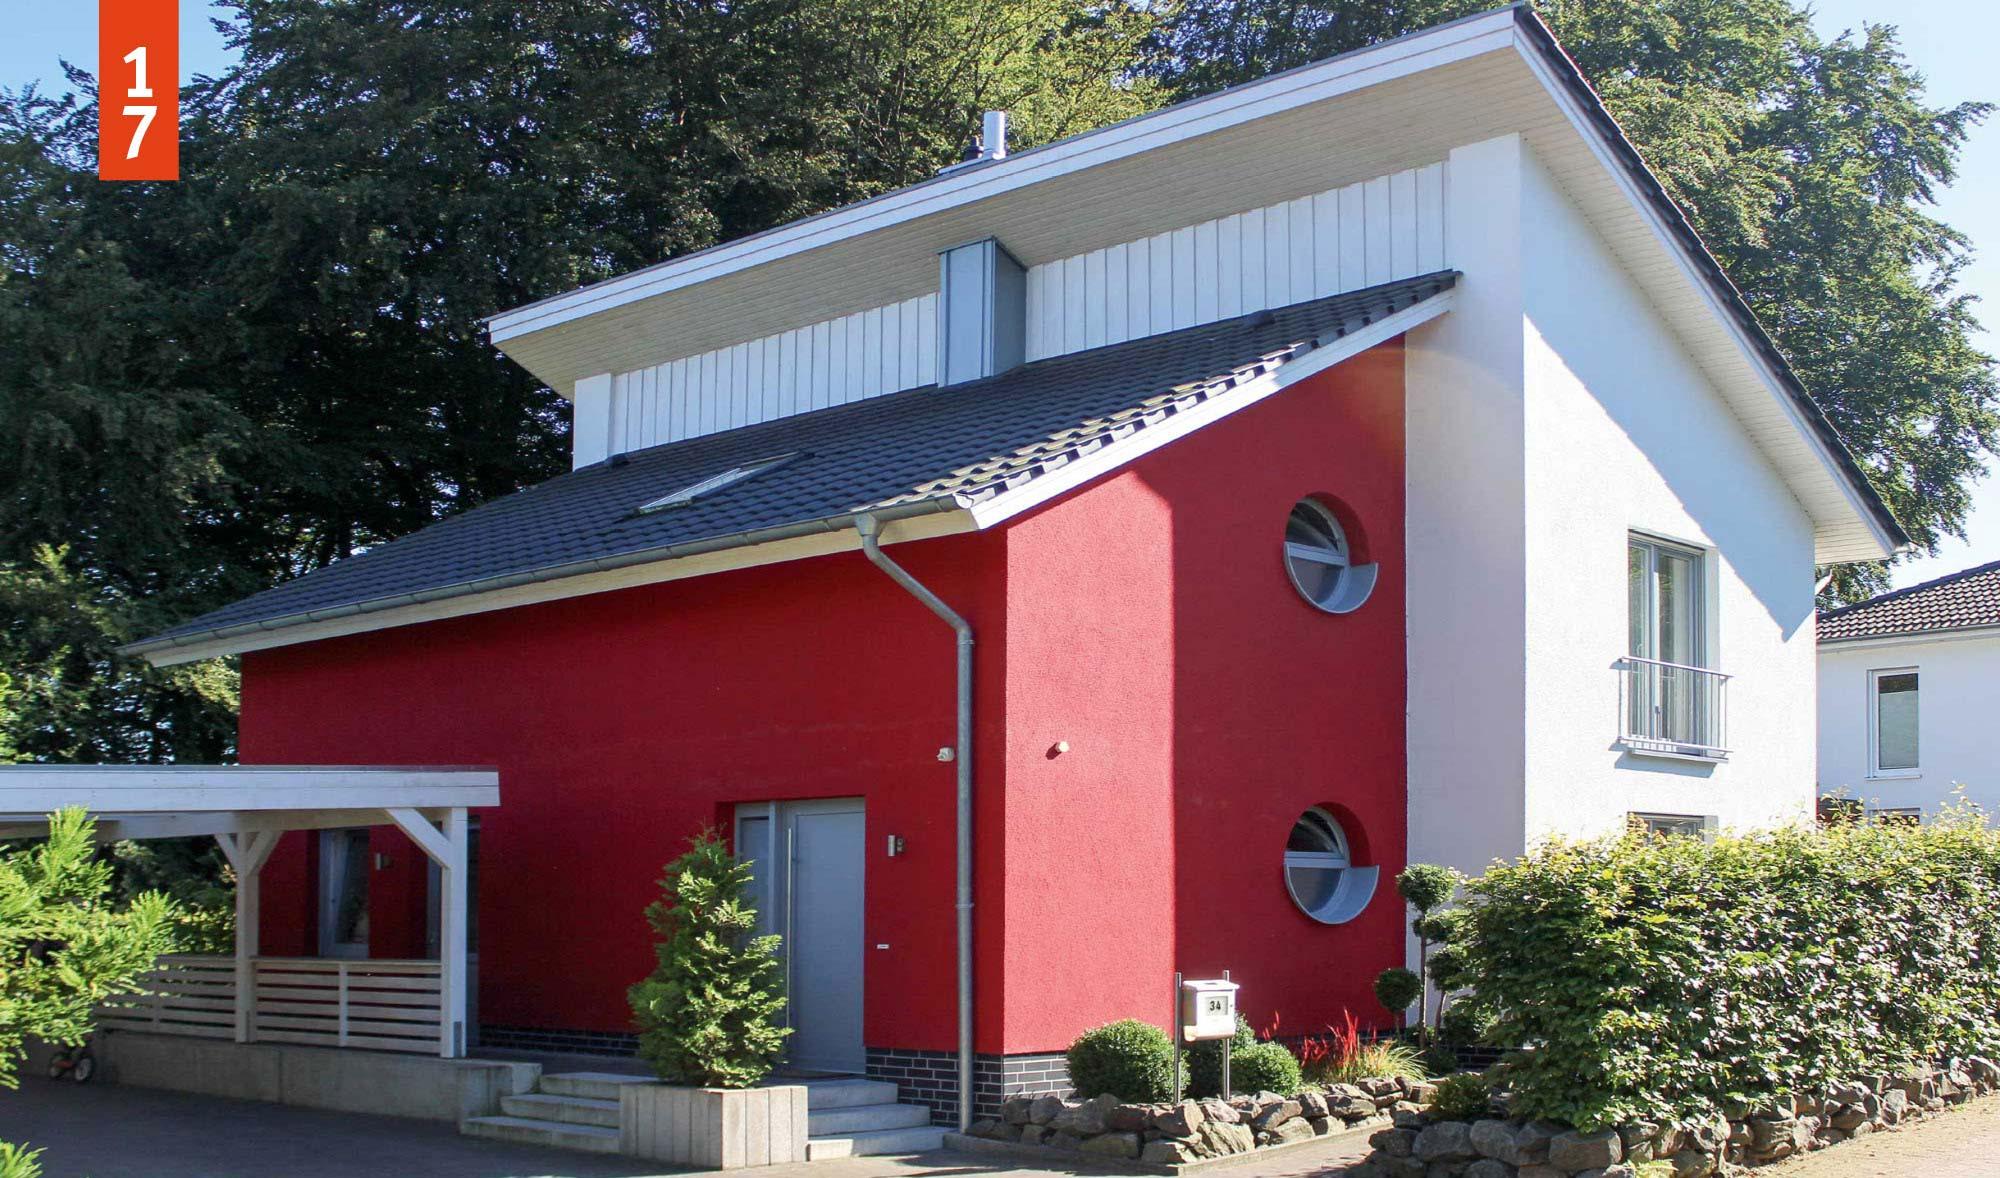 Pultdachhaus Ambiente mit knapp 150 m² Grundriss